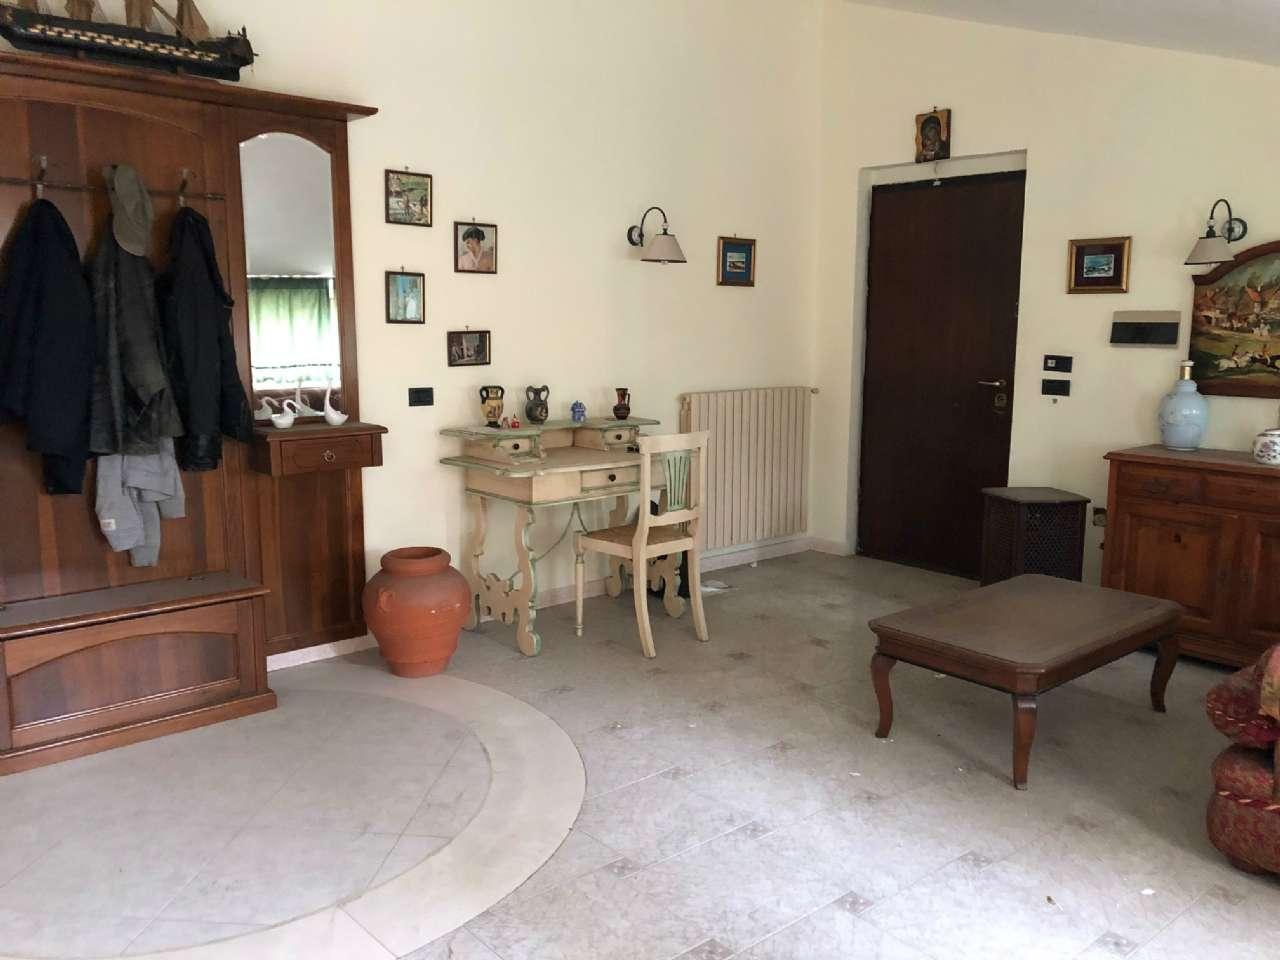 Attico / Mansarda in vendita a Giugliano in Campania, 3 locali, prezzo € 98.000 | PortaleAgenzieImmobiliari.it